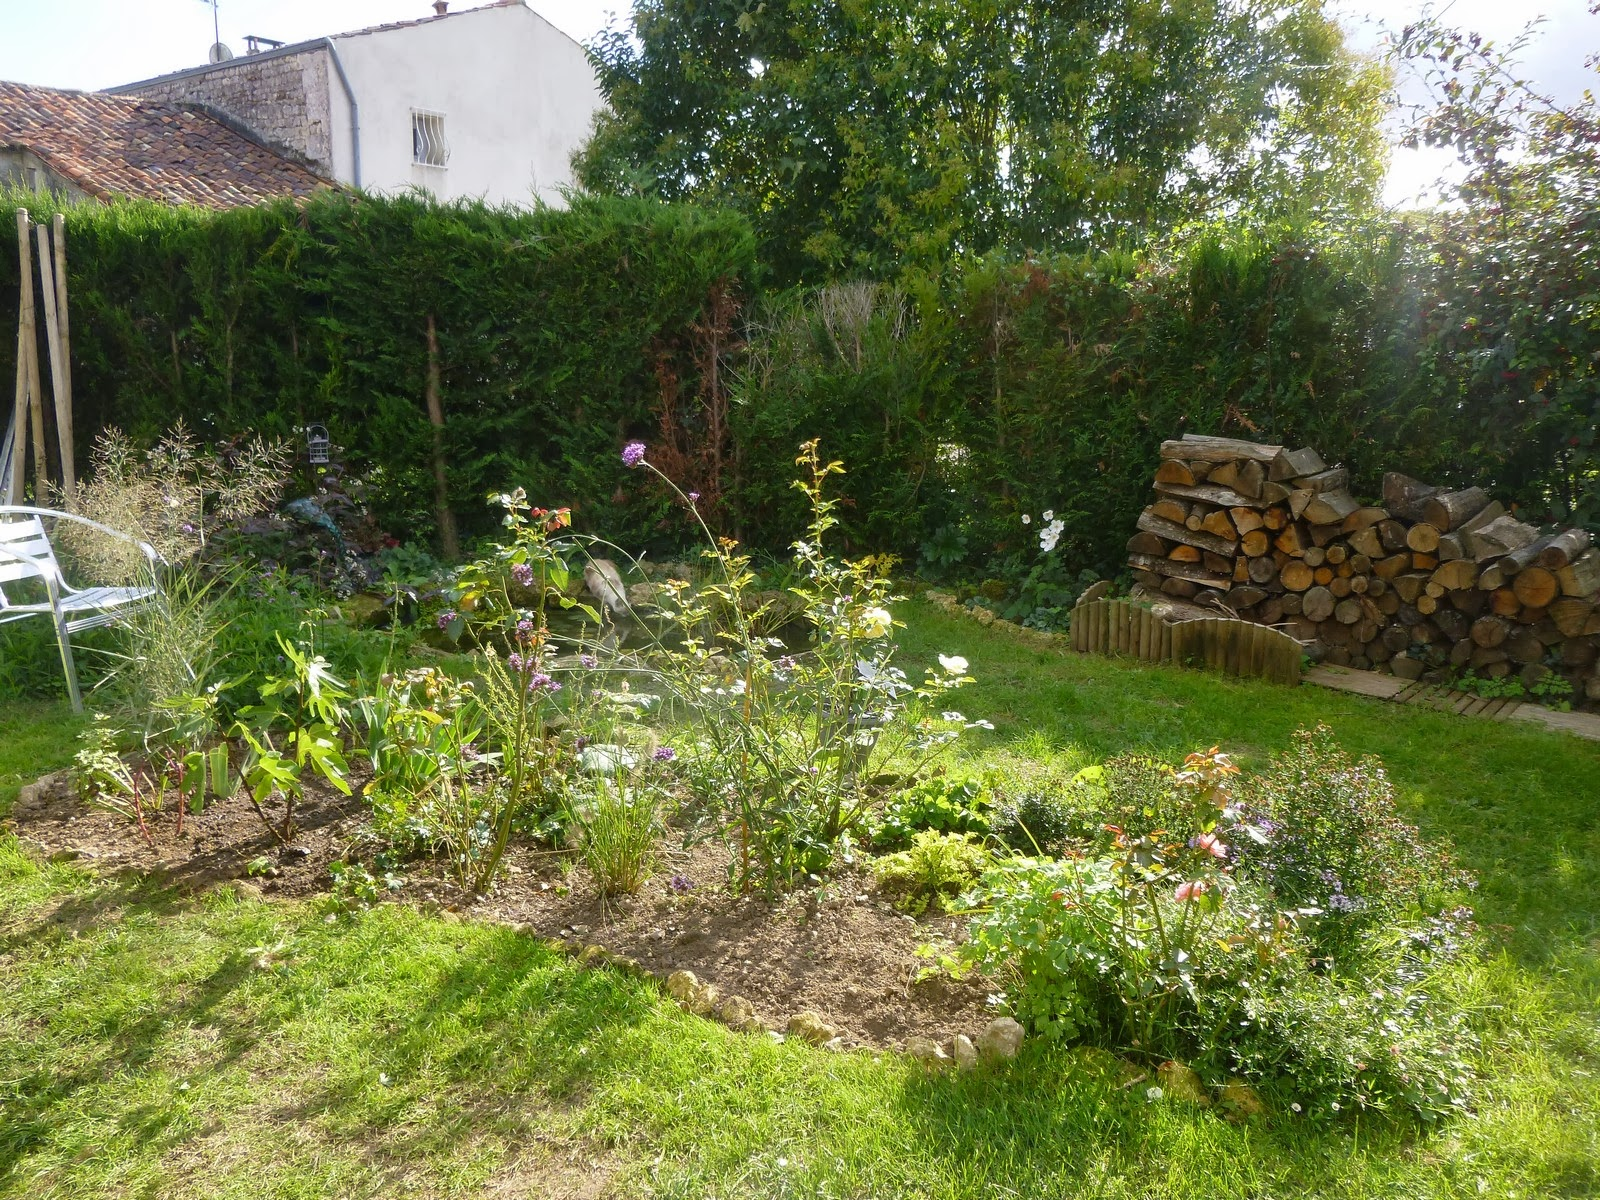 Cagouille 39 s garden un arbre au jardin - Jardin taille olivier ...